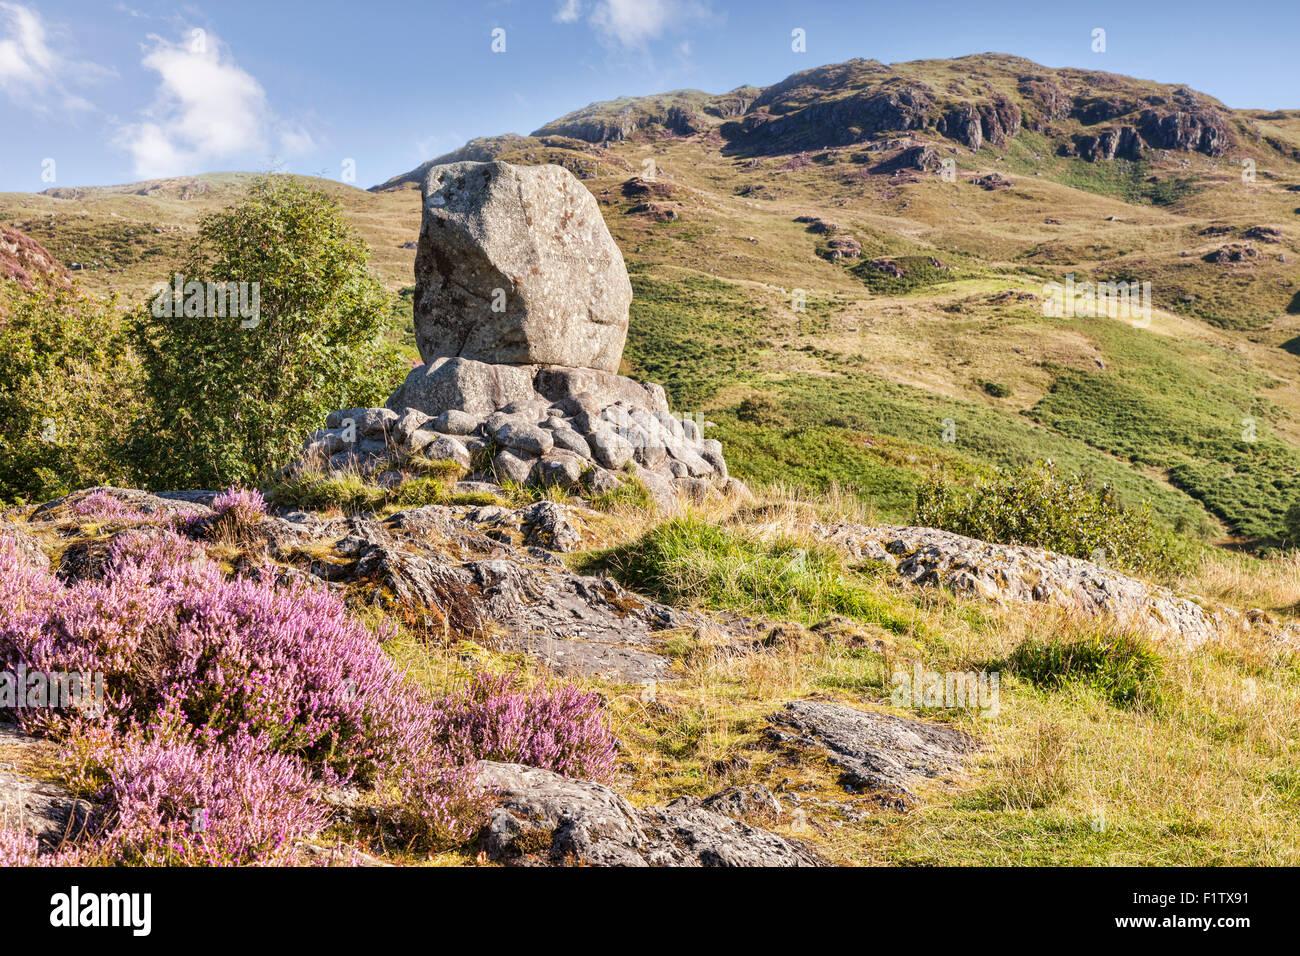 La Bruce Memorial dans le Galloway Hills à Glentrool, Dumfries et Galloway, en Écosse. Photo Stock